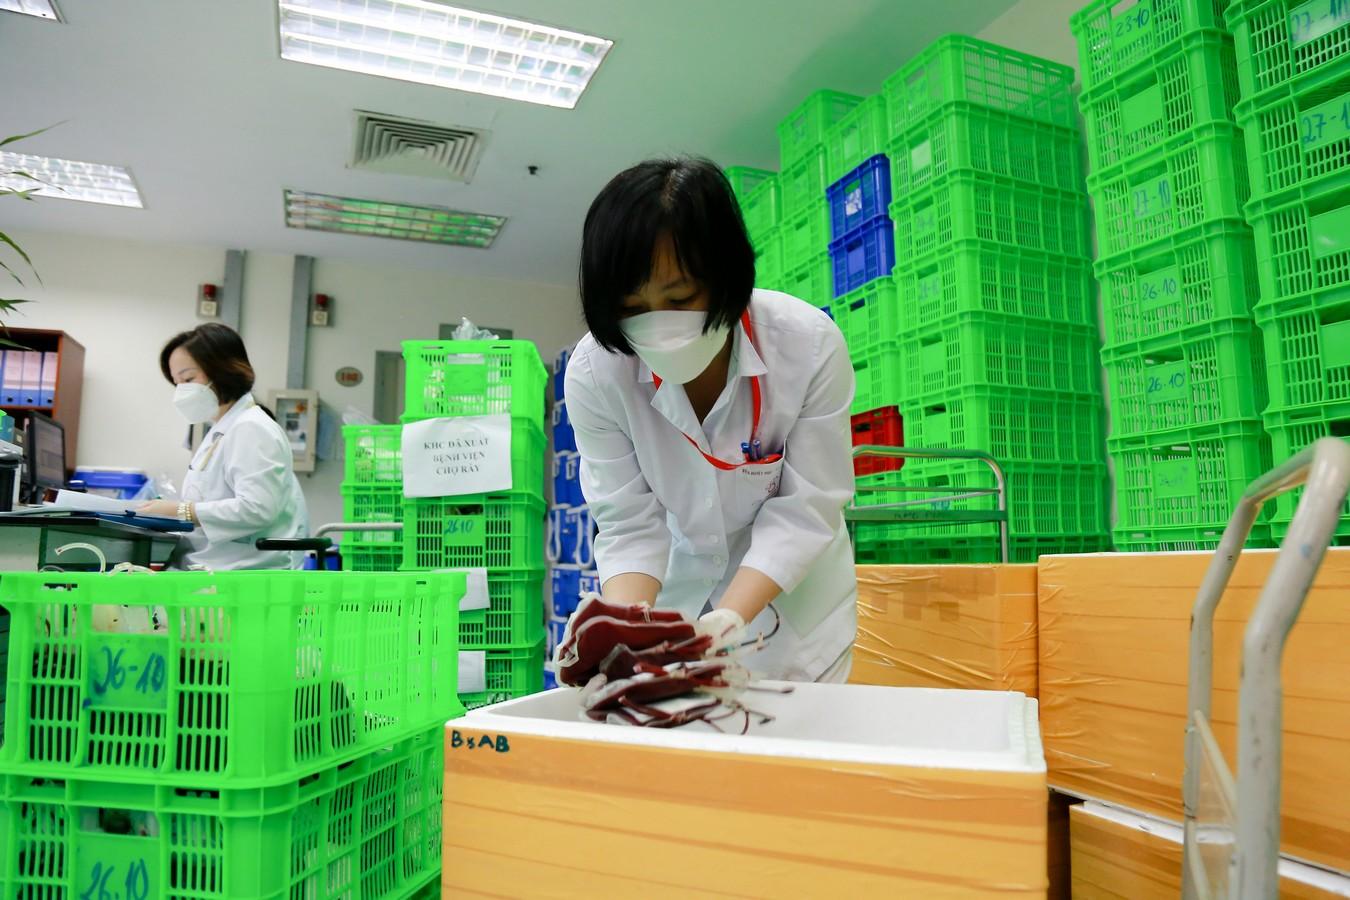 Bệnh viện Huyết học và truyền máu Trung ương vận chuyển hơn 2.000 đơn vị máu vào miền Nam